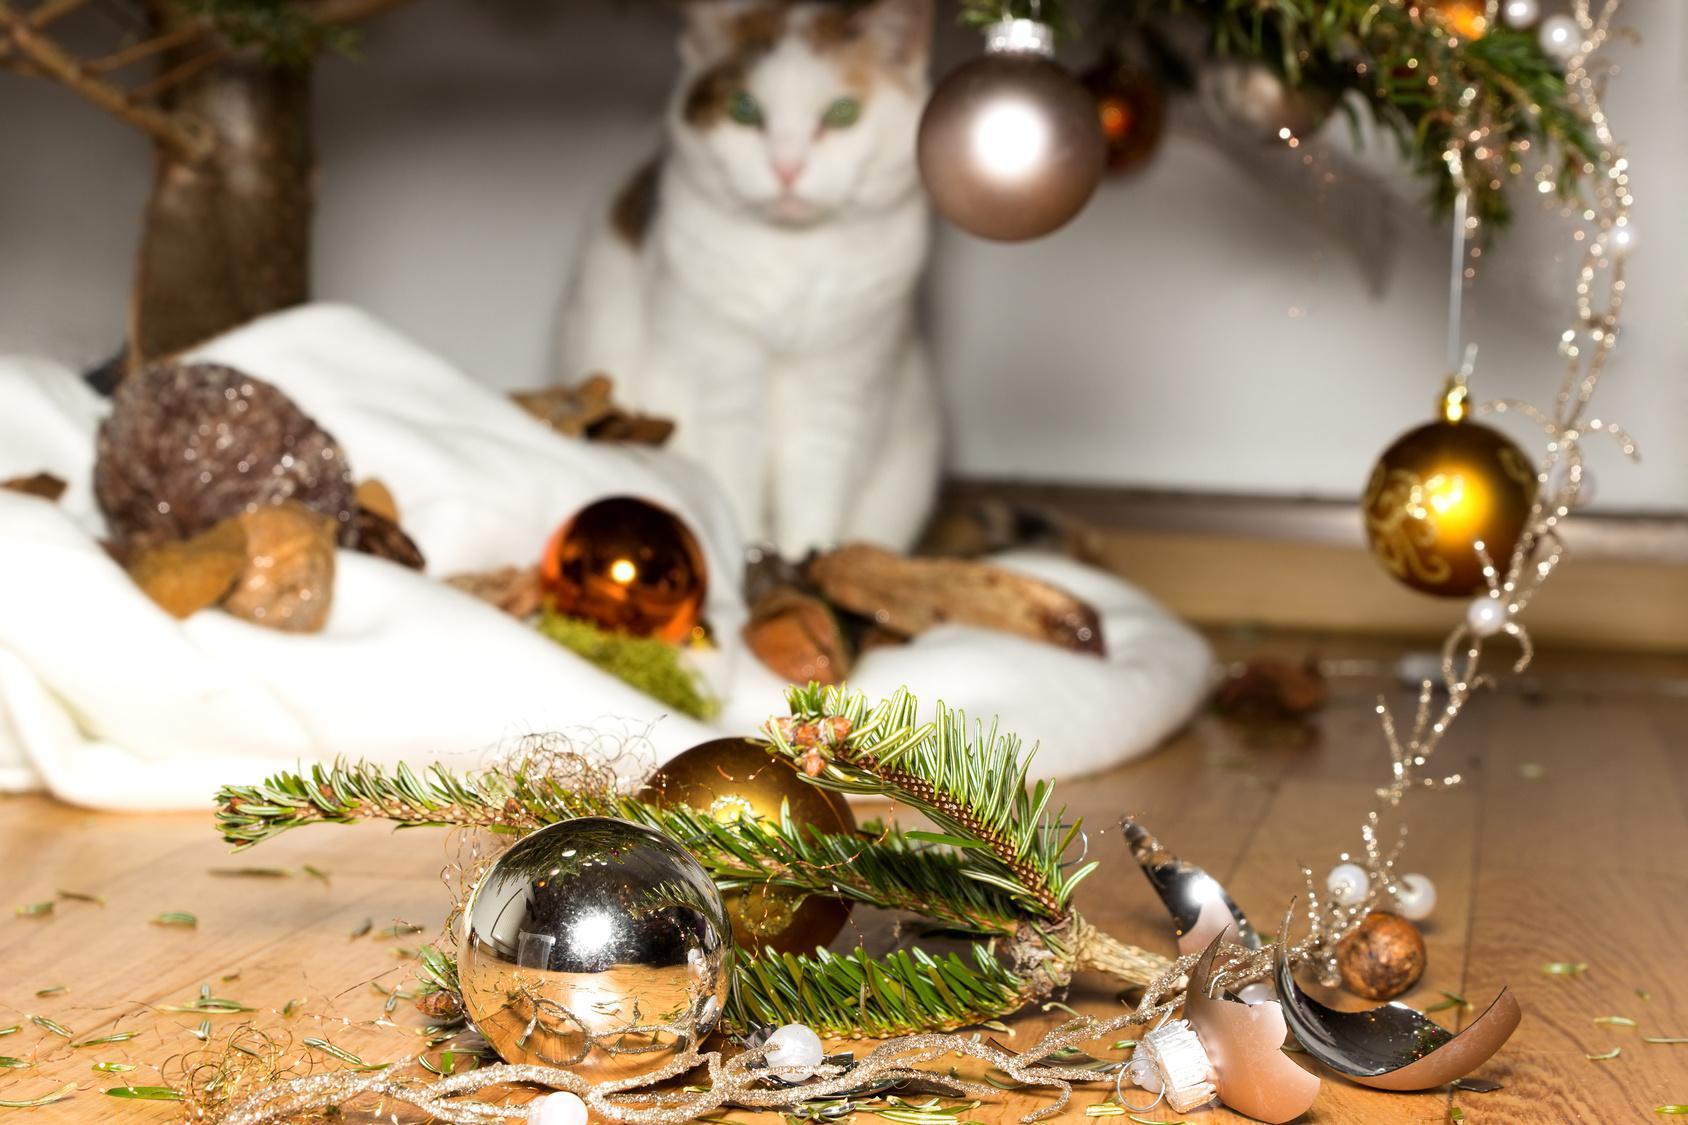 Gefahren für Tiere in der Weihnachtszeit - DeineTierwelt Magazin